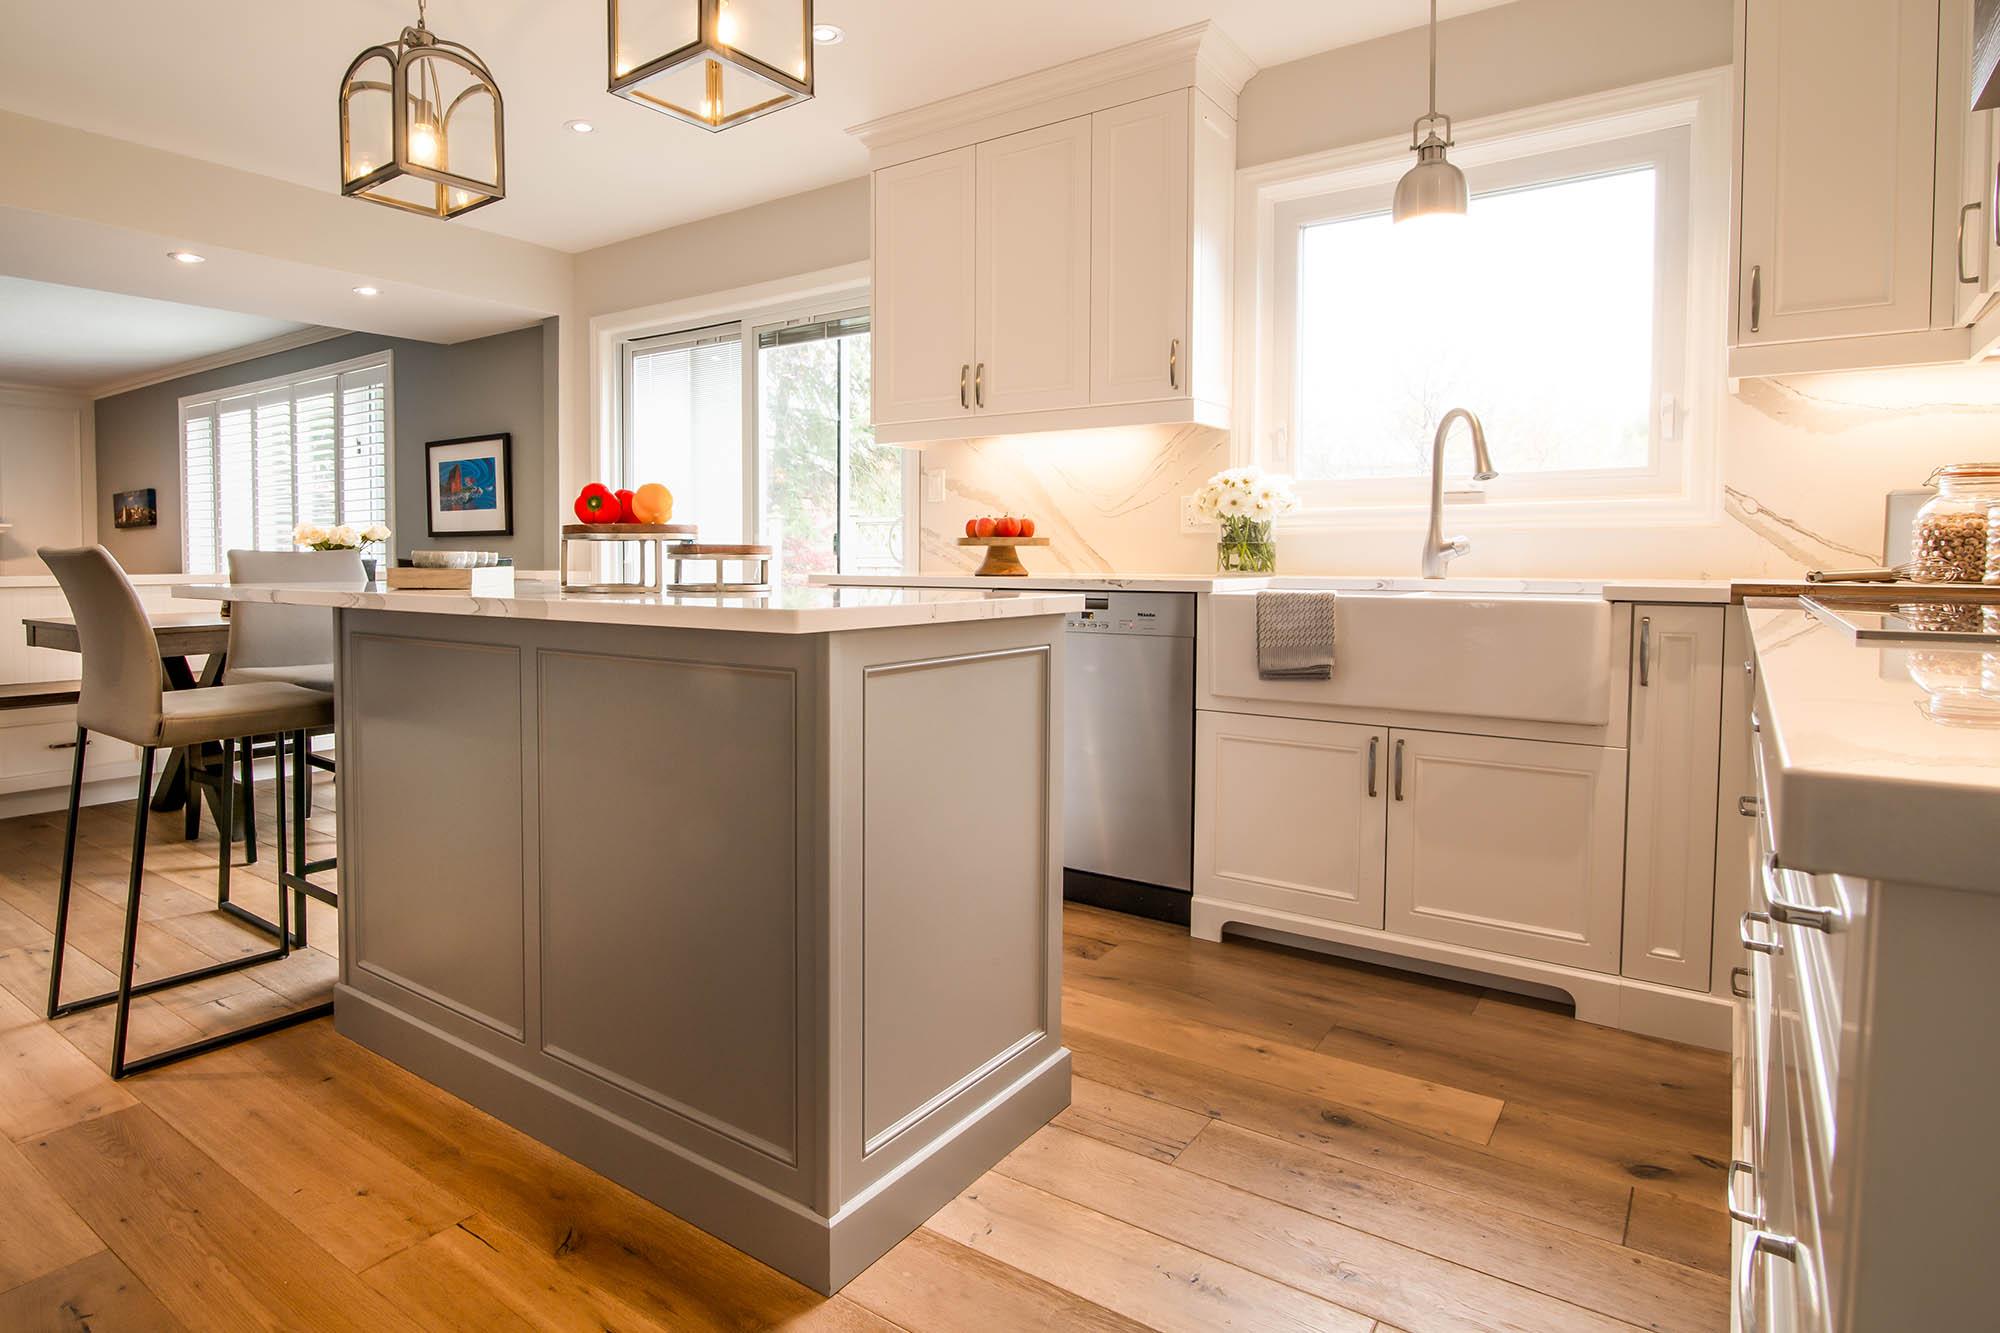 2017 11 06 Leanne Mosquite Design Kitchen Design Interior Design